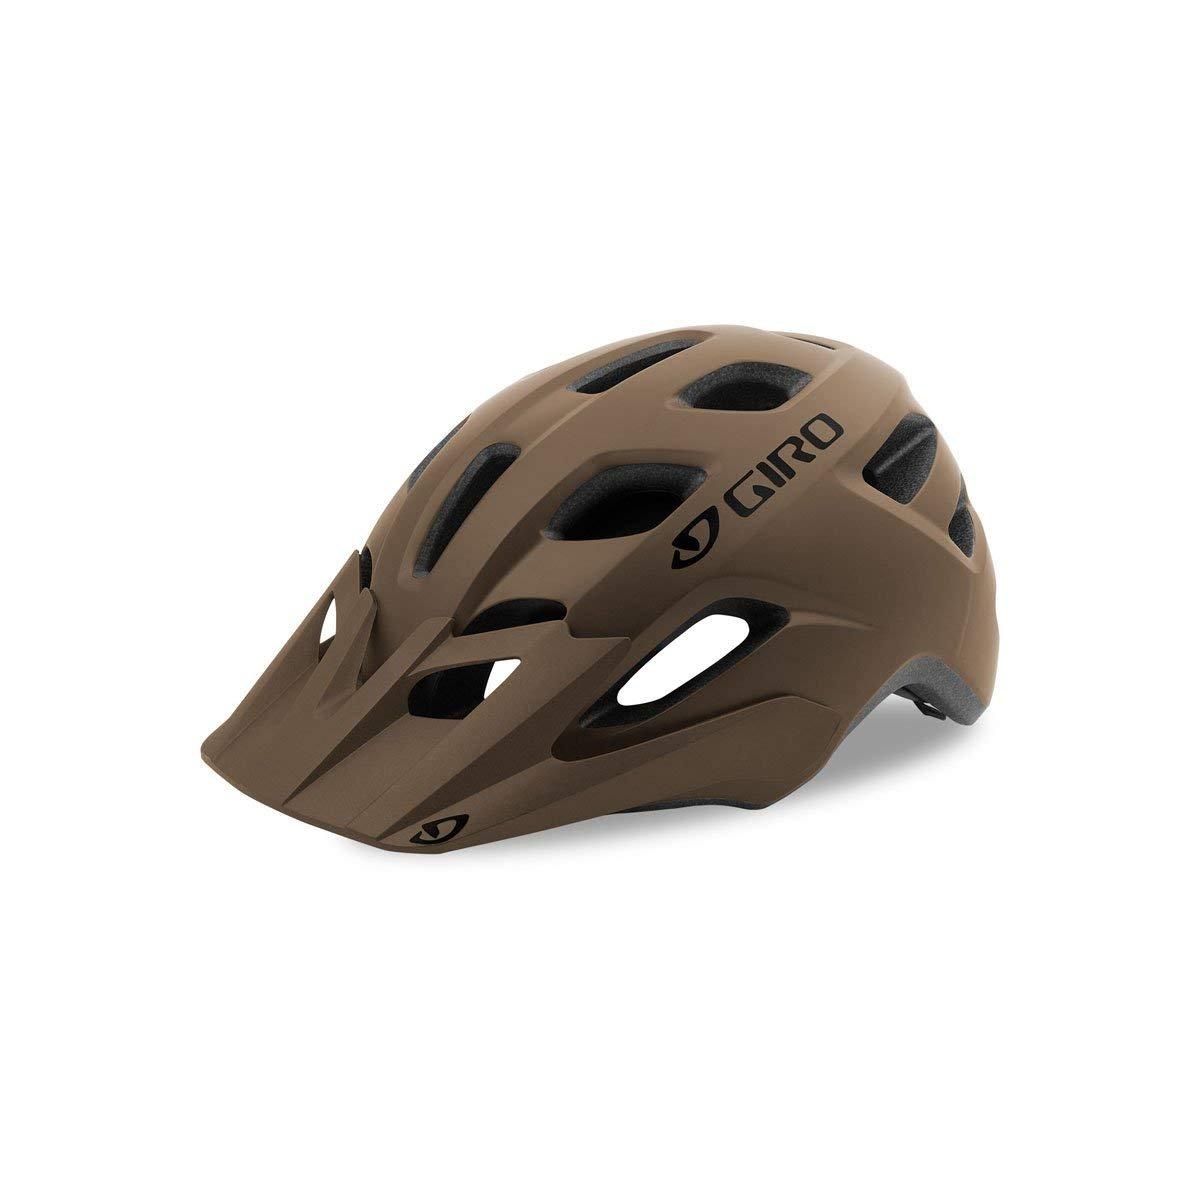 (ジロ) Giro Giro Size Fixture Sport スポーツ Helmet スポーツ Matte ヘルメット (並行輸入品) B07F6HXVL8 One Size|Matte Walnut Matte Walnut One Size, セレクトショップLOL:88ad6dcf --- harrow-unison.org.uk